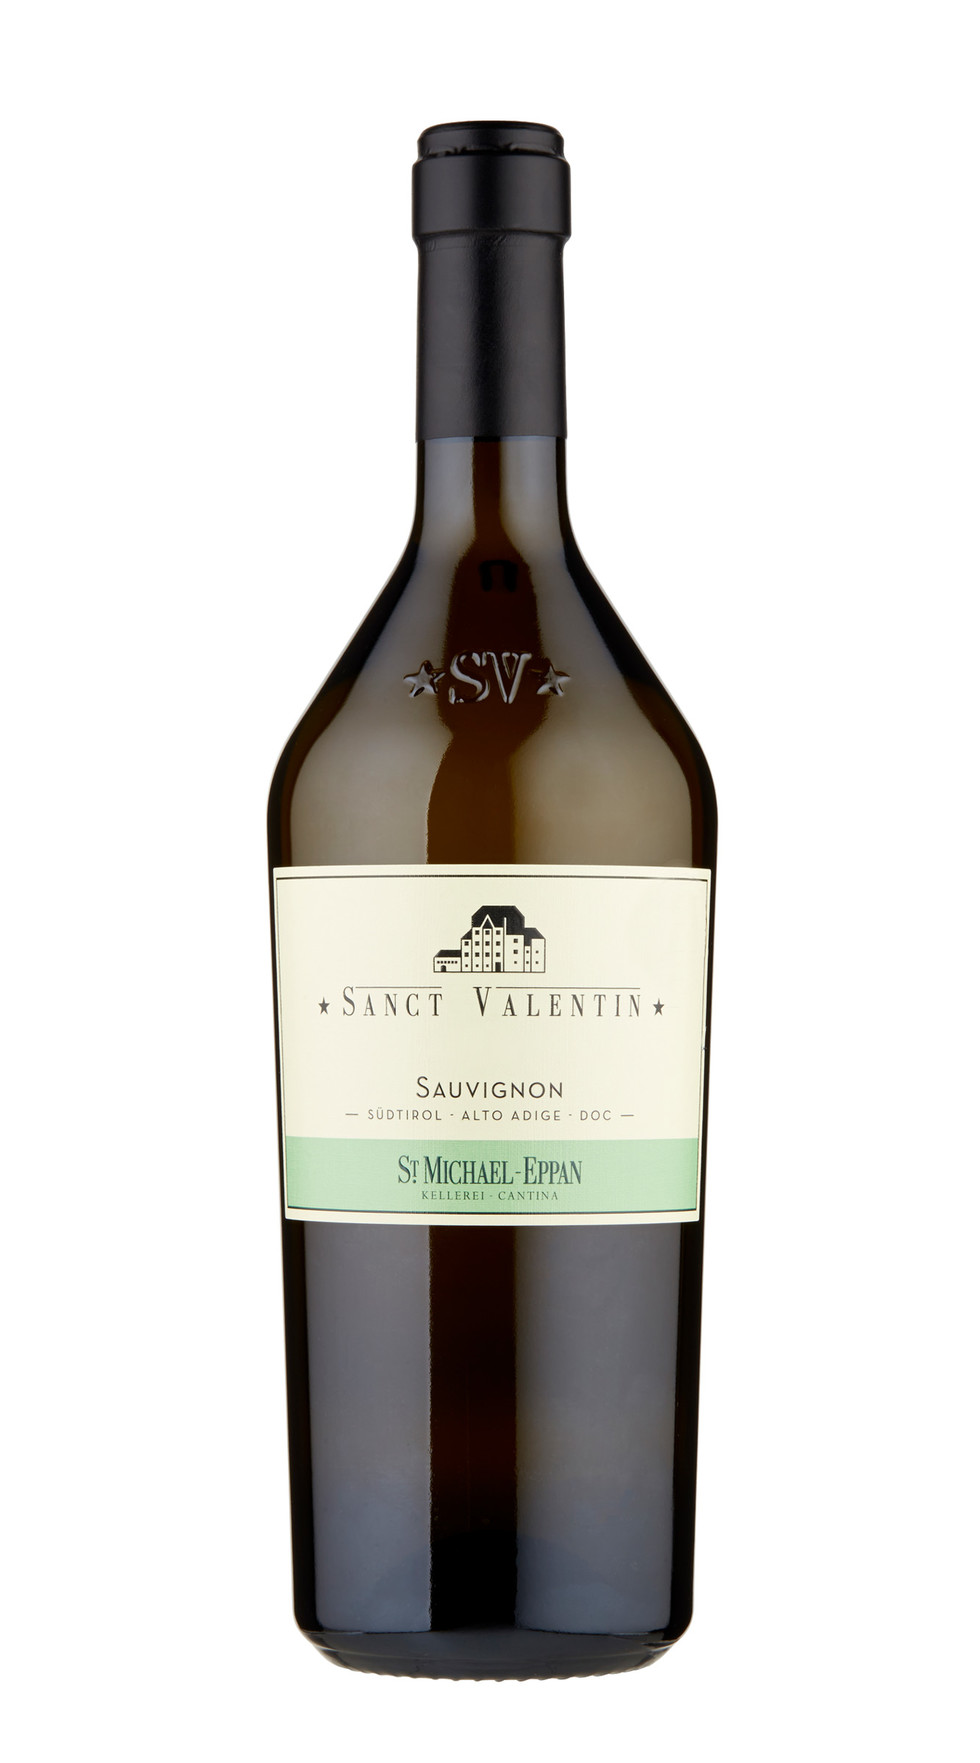 Sauvignon 'Sanct Valentin' San Michele Appiano